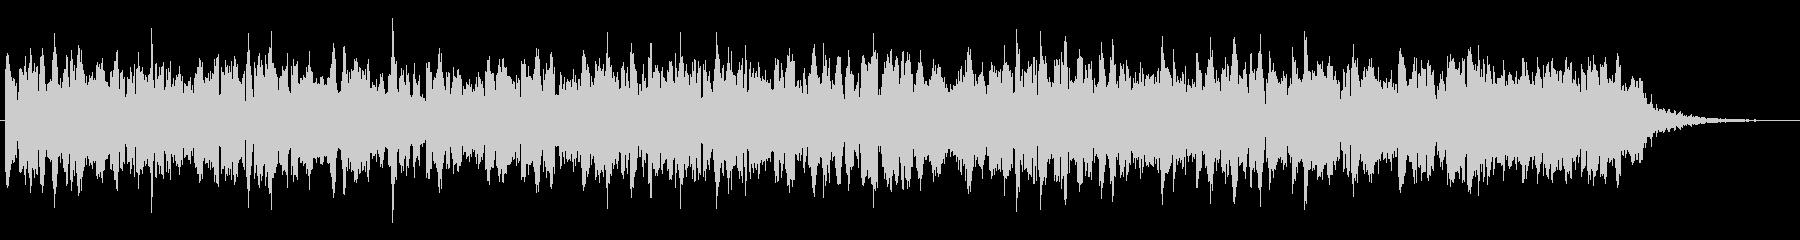 エレクトリックなベースのほのぼのジングルの未再生の波形